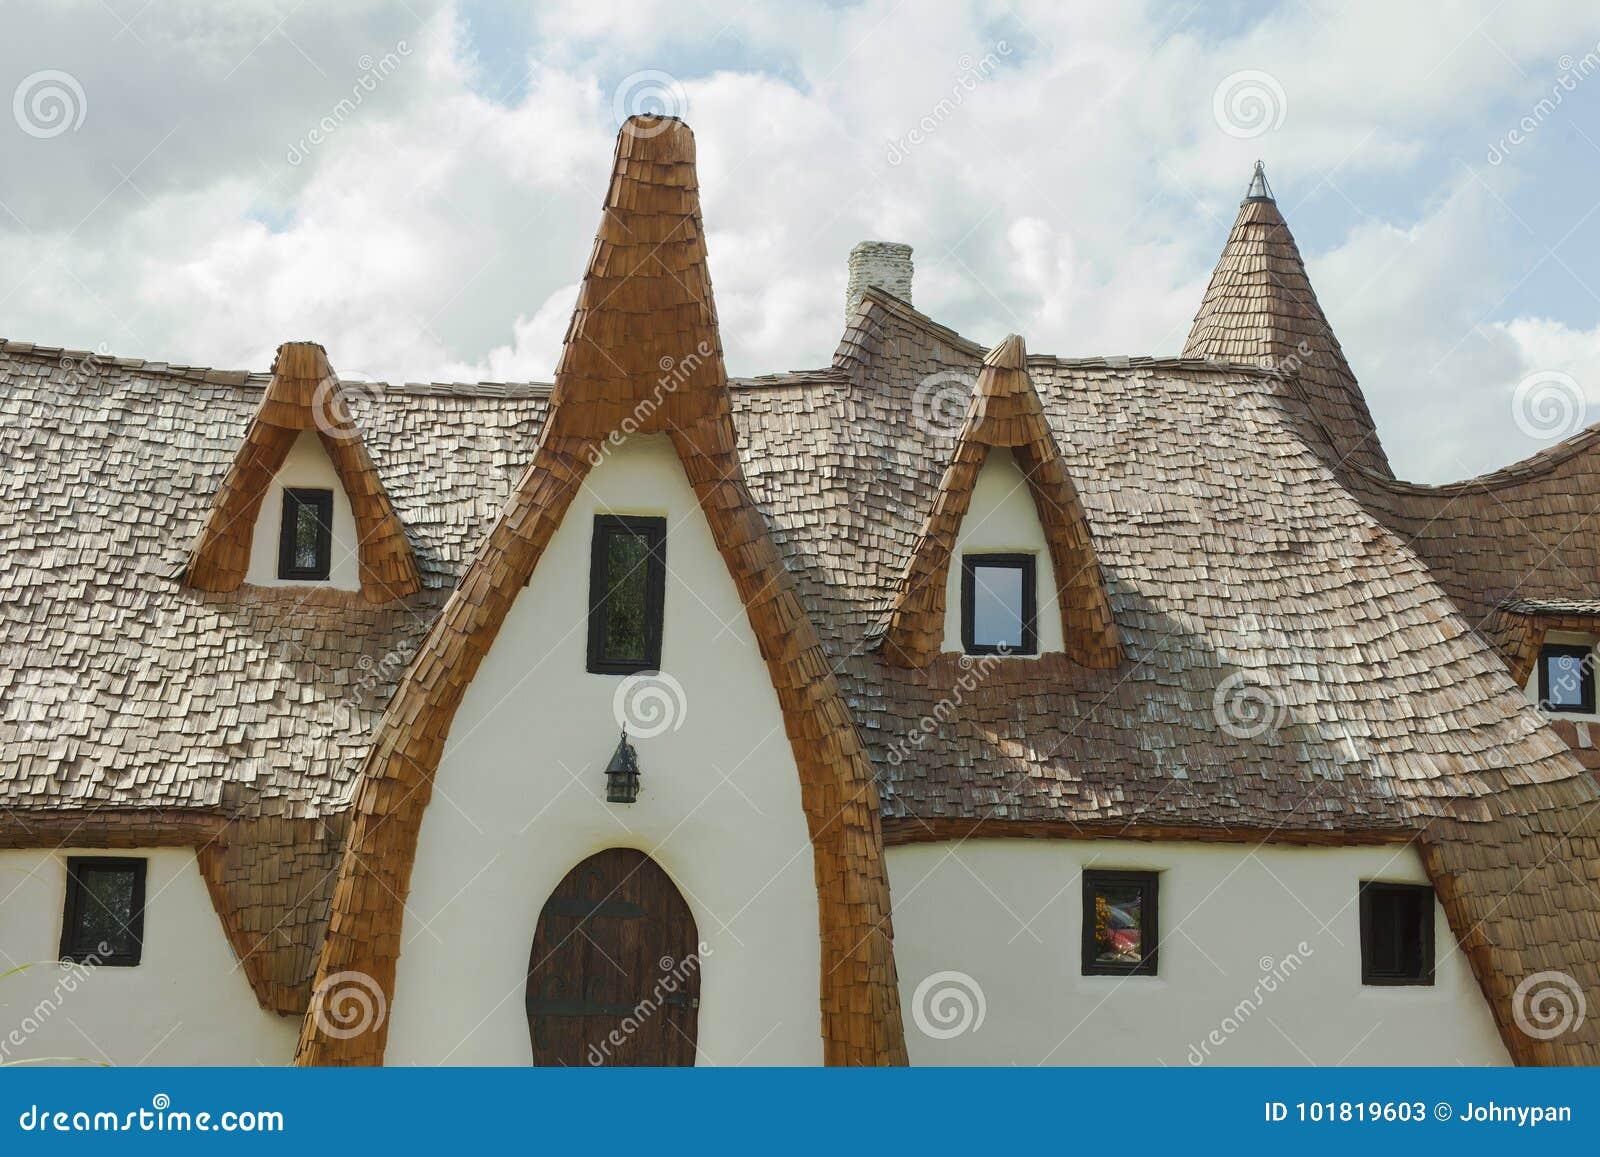 Clay castle in Porumbacu de Sus